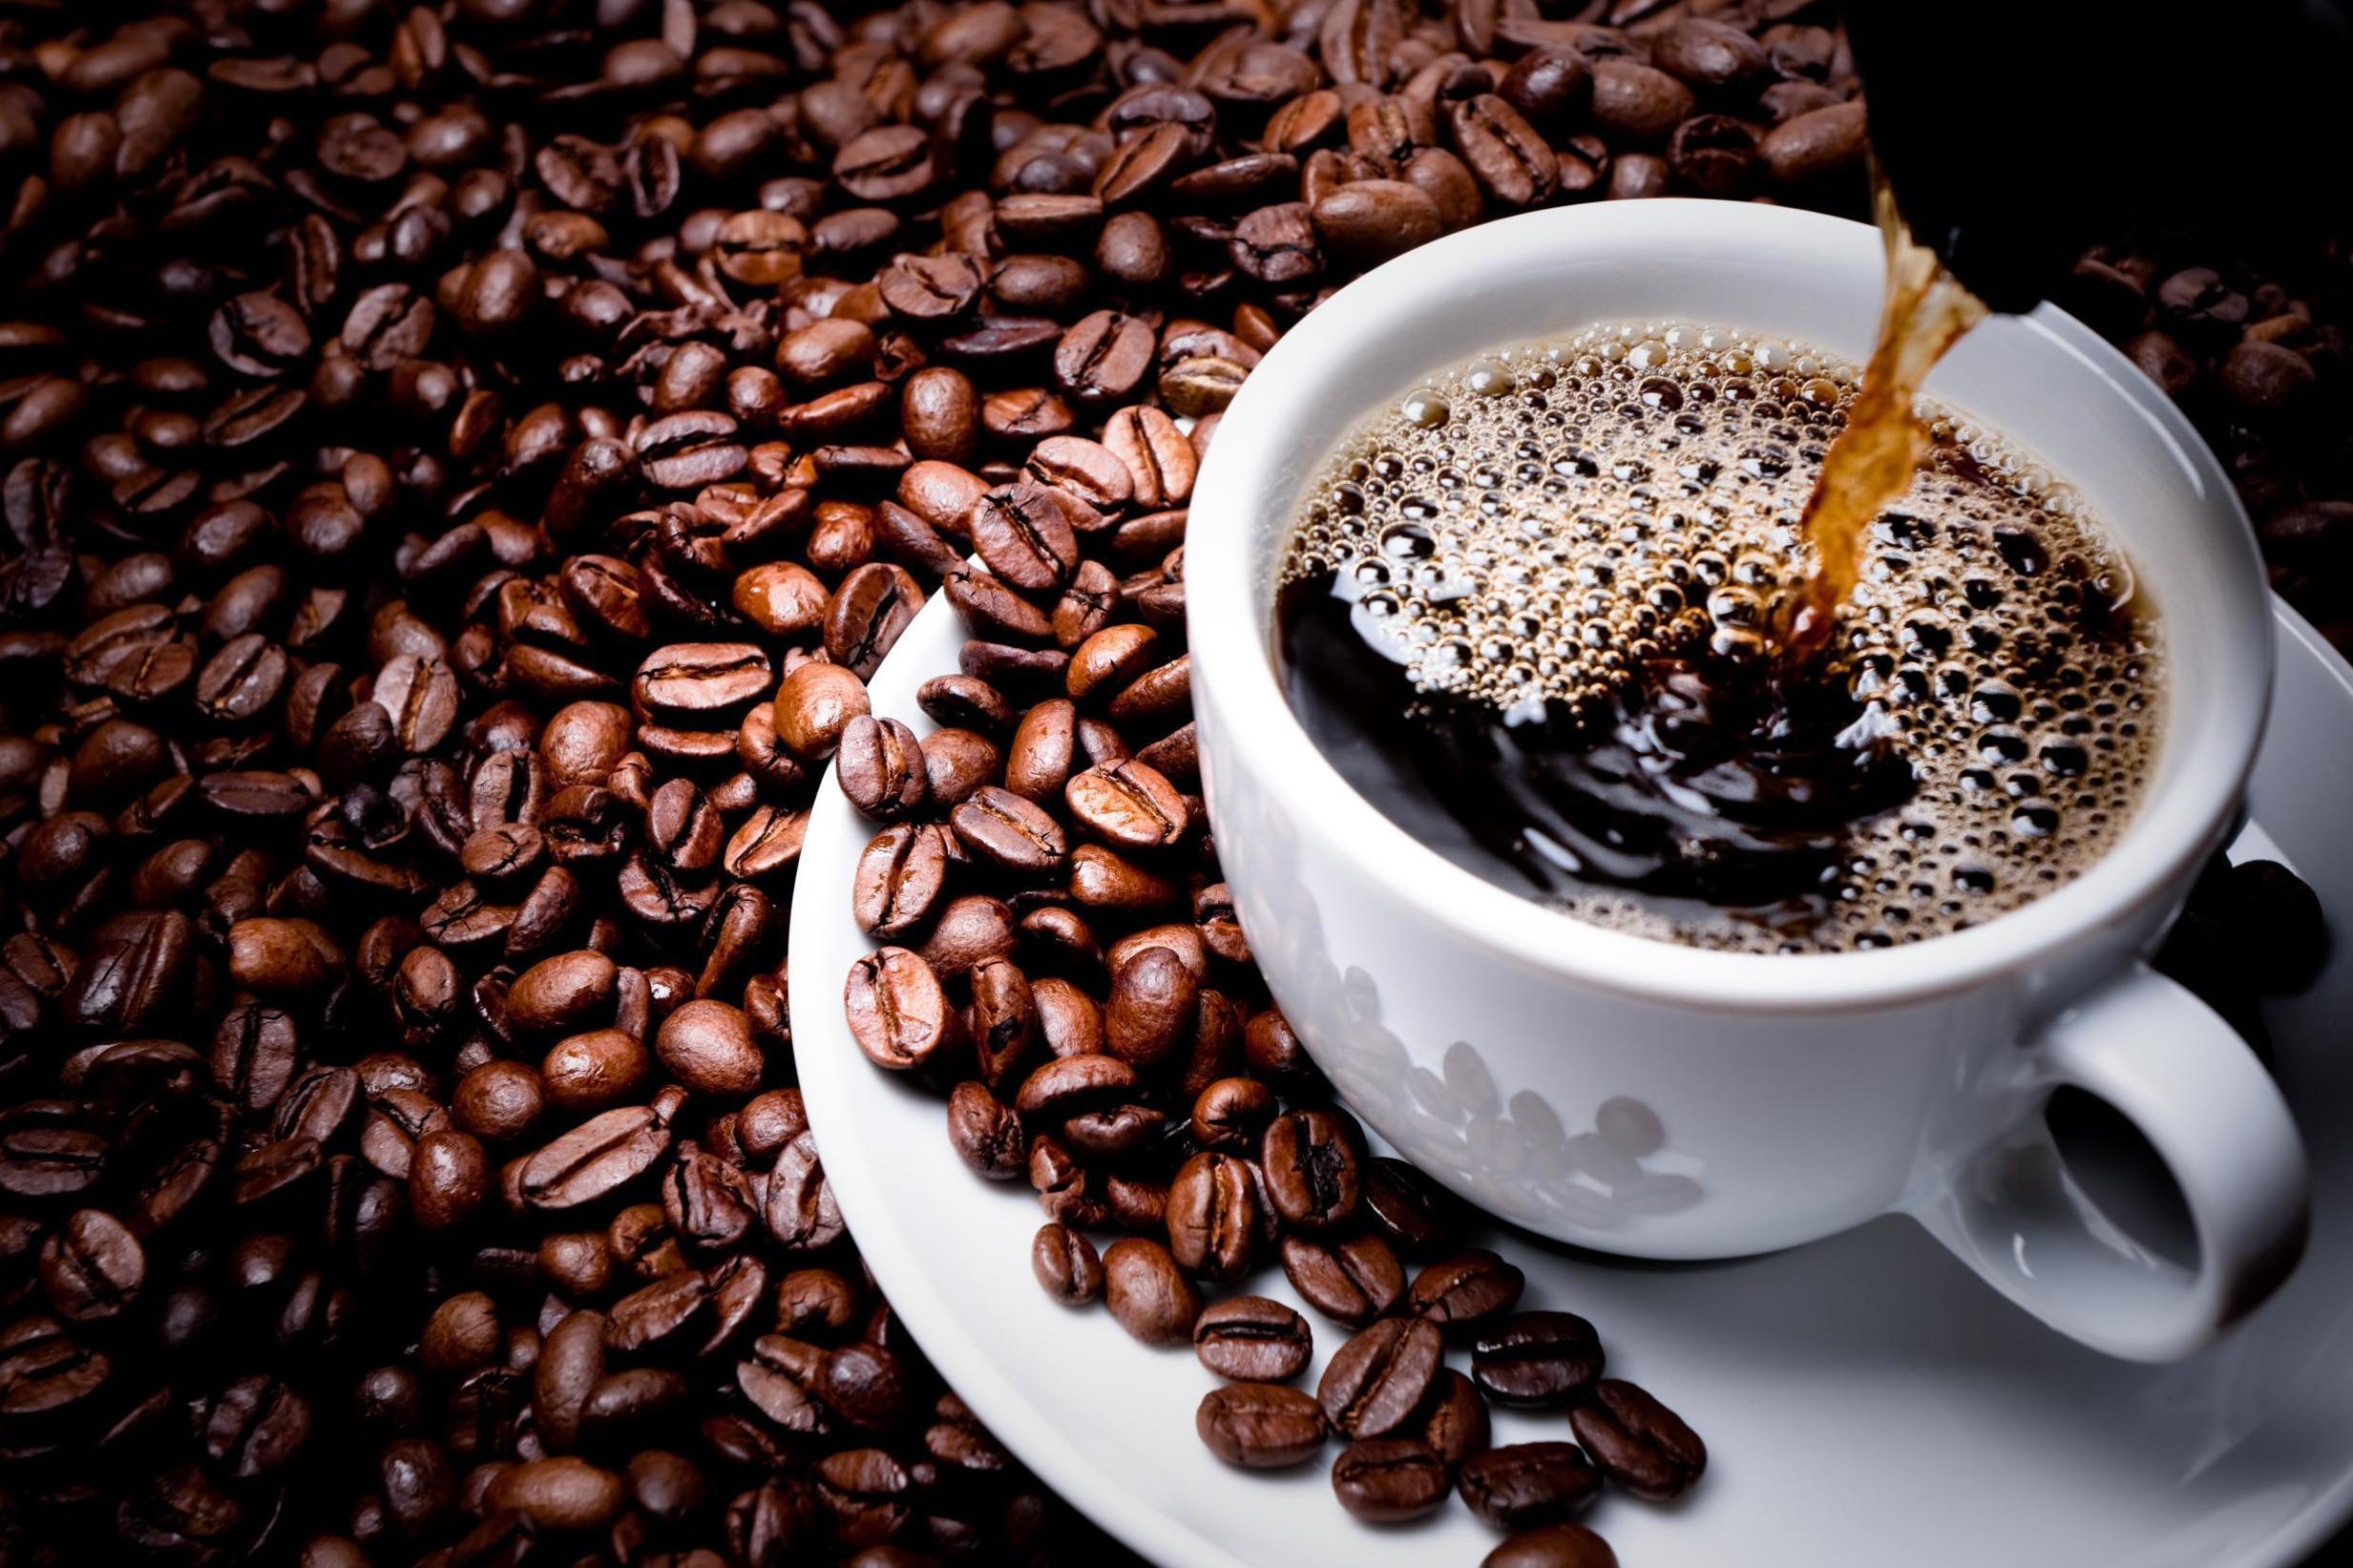 با فواید مهم قهوه آشنا شوید